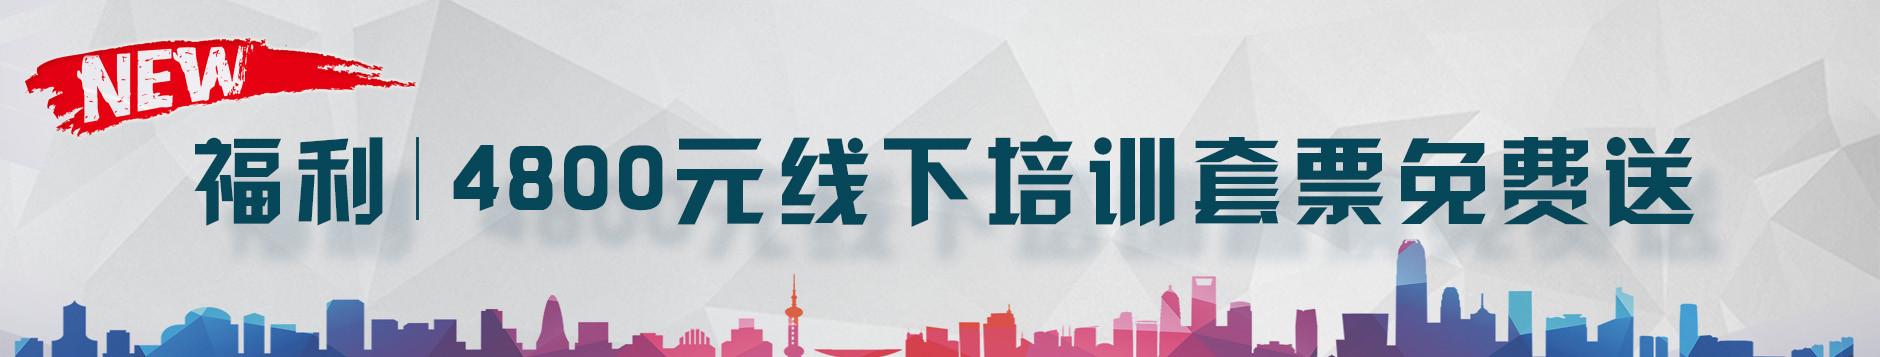 首页banner 福利